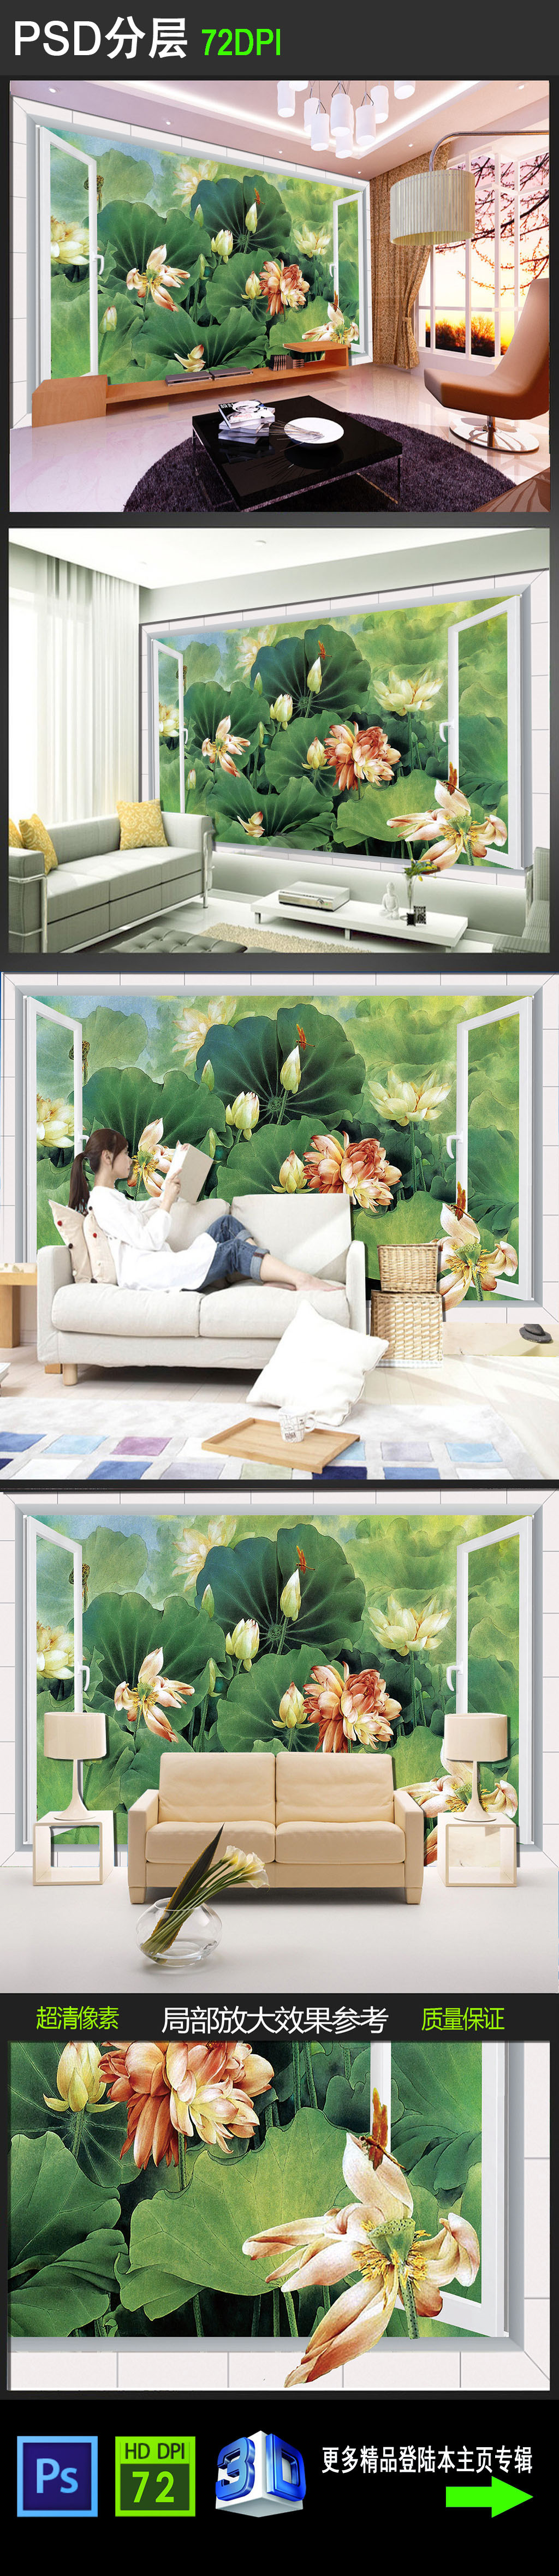 手绘荷花绿色电视背景墙